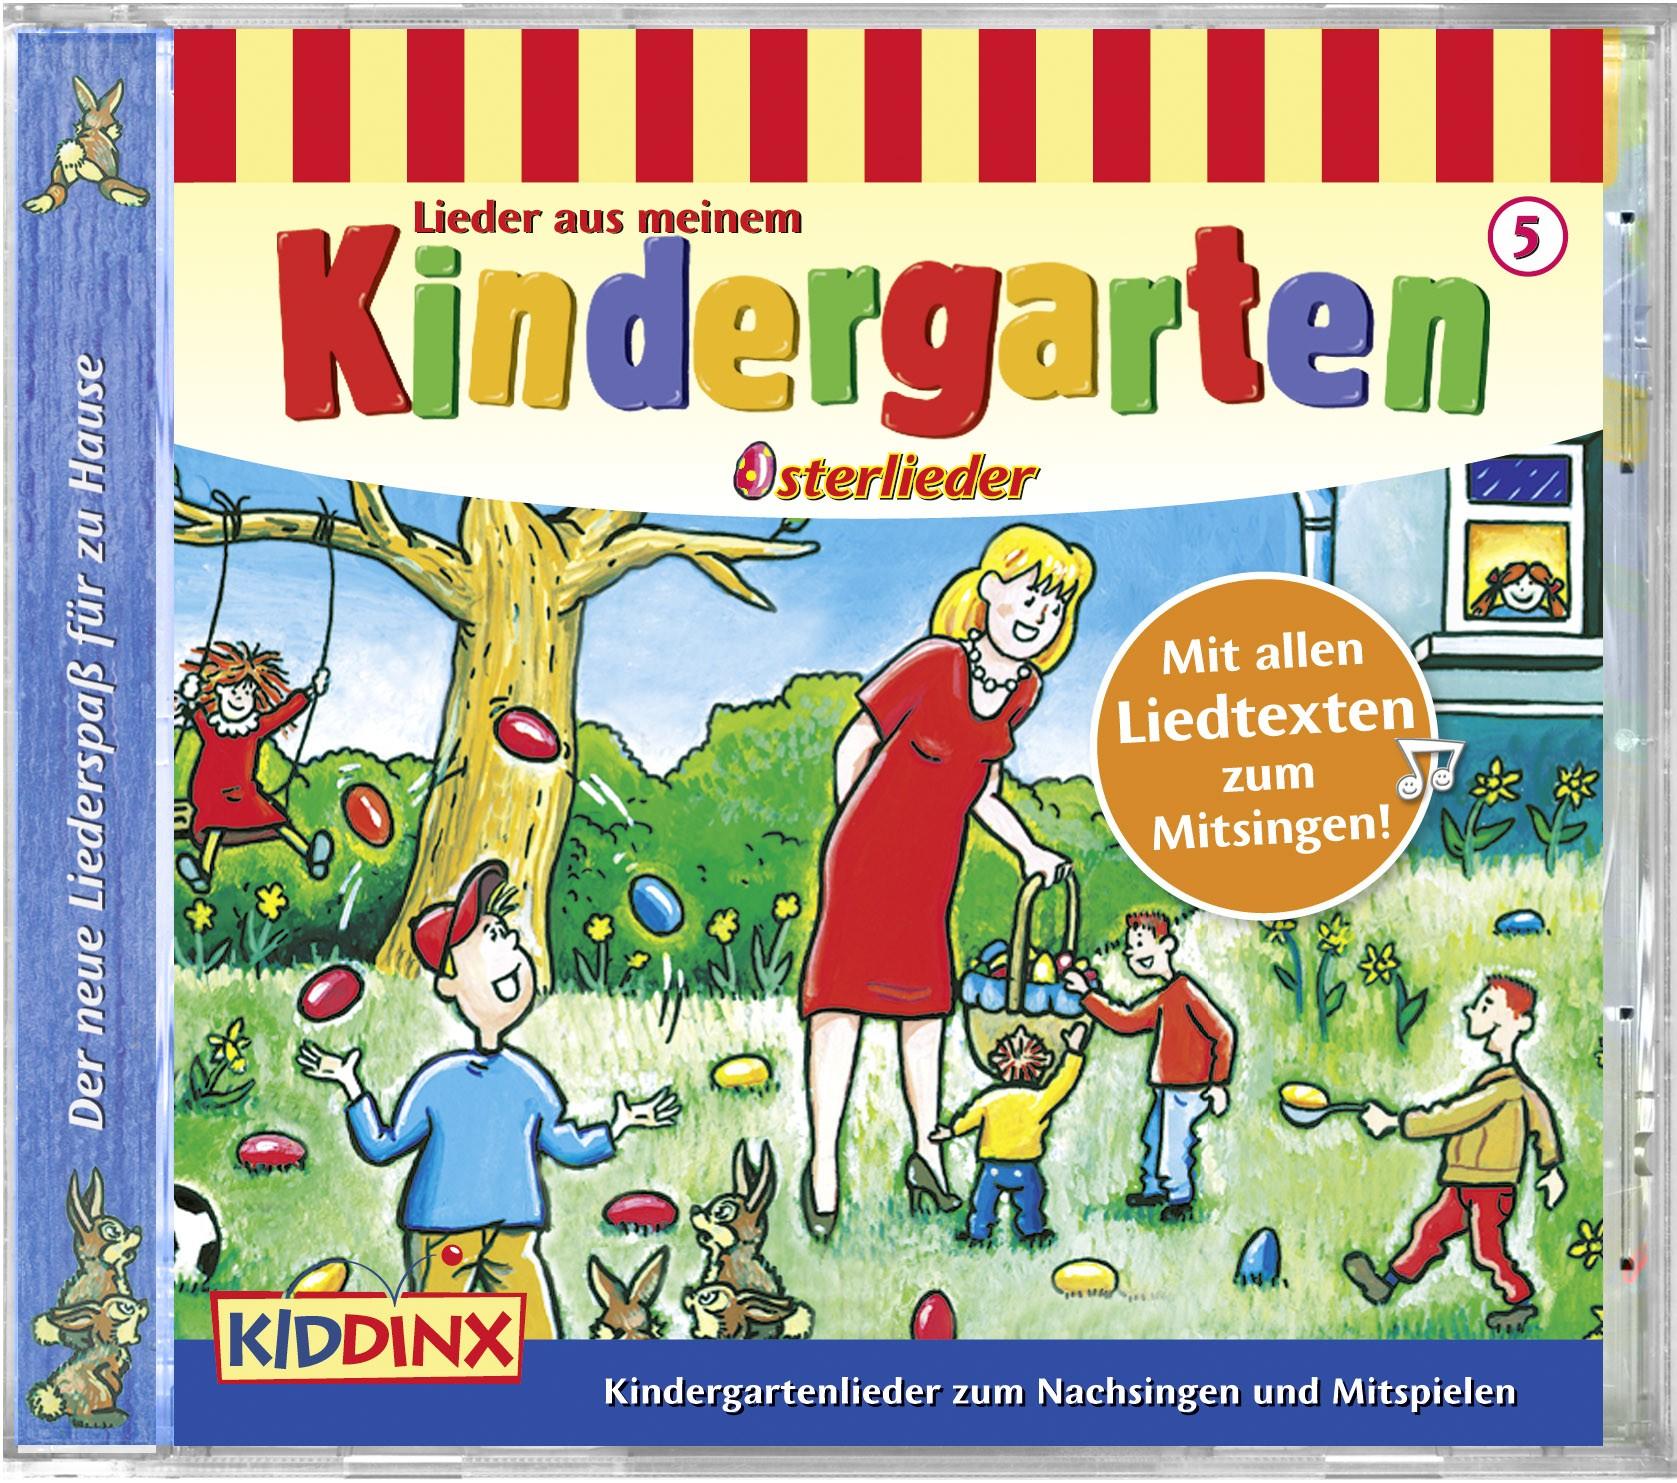 Lieder aus meinem Kindergarten: Osterlieder (Folge 5)